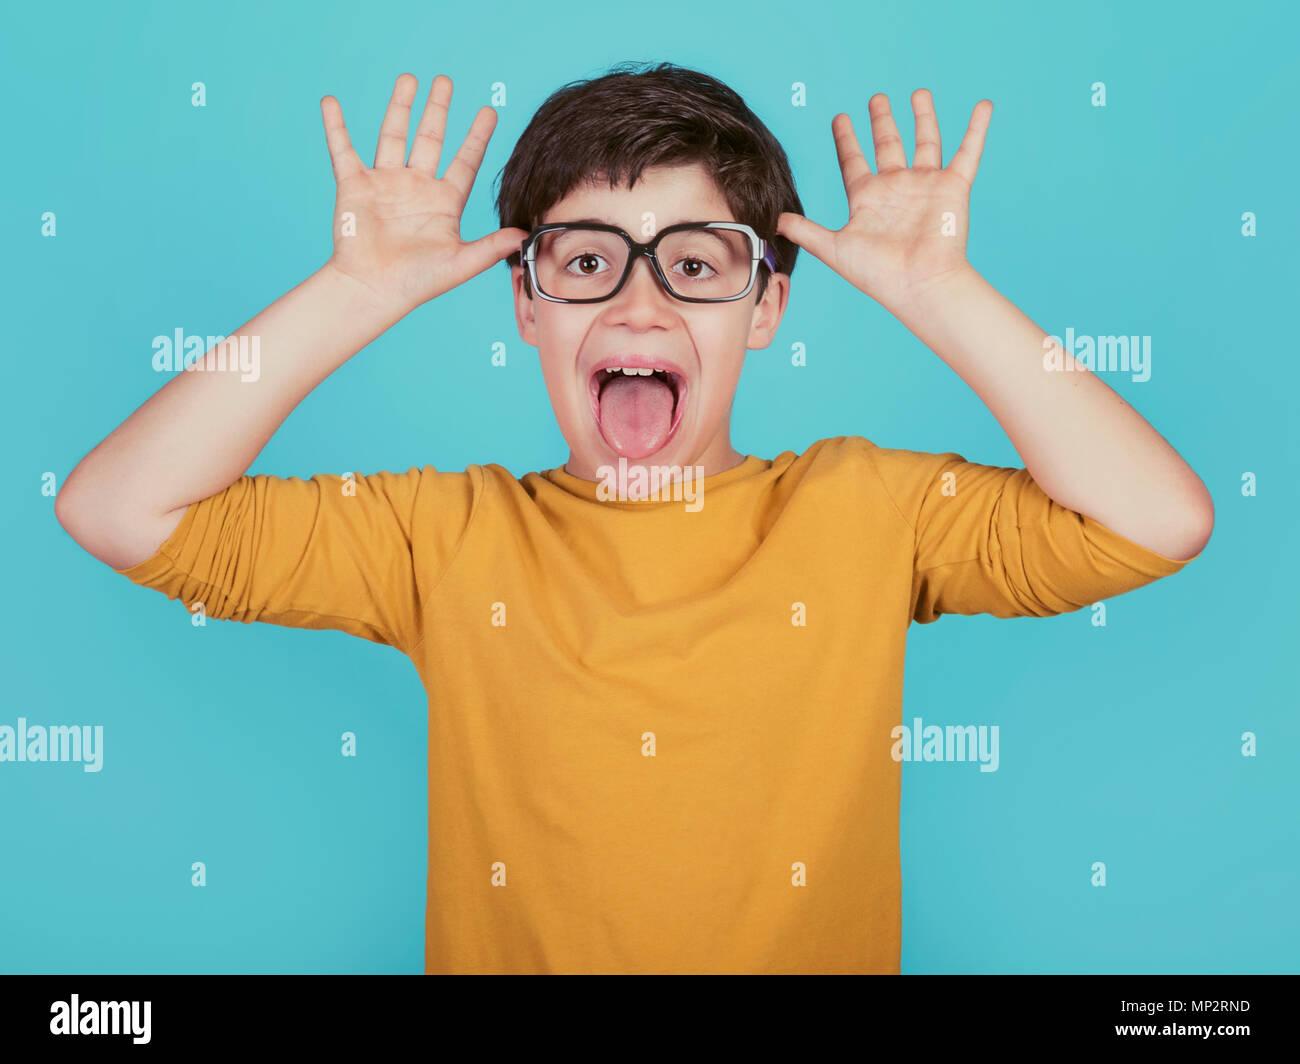 Funny boy avec des lunettes à montrer sa langue sur fond bleu Photo Stock